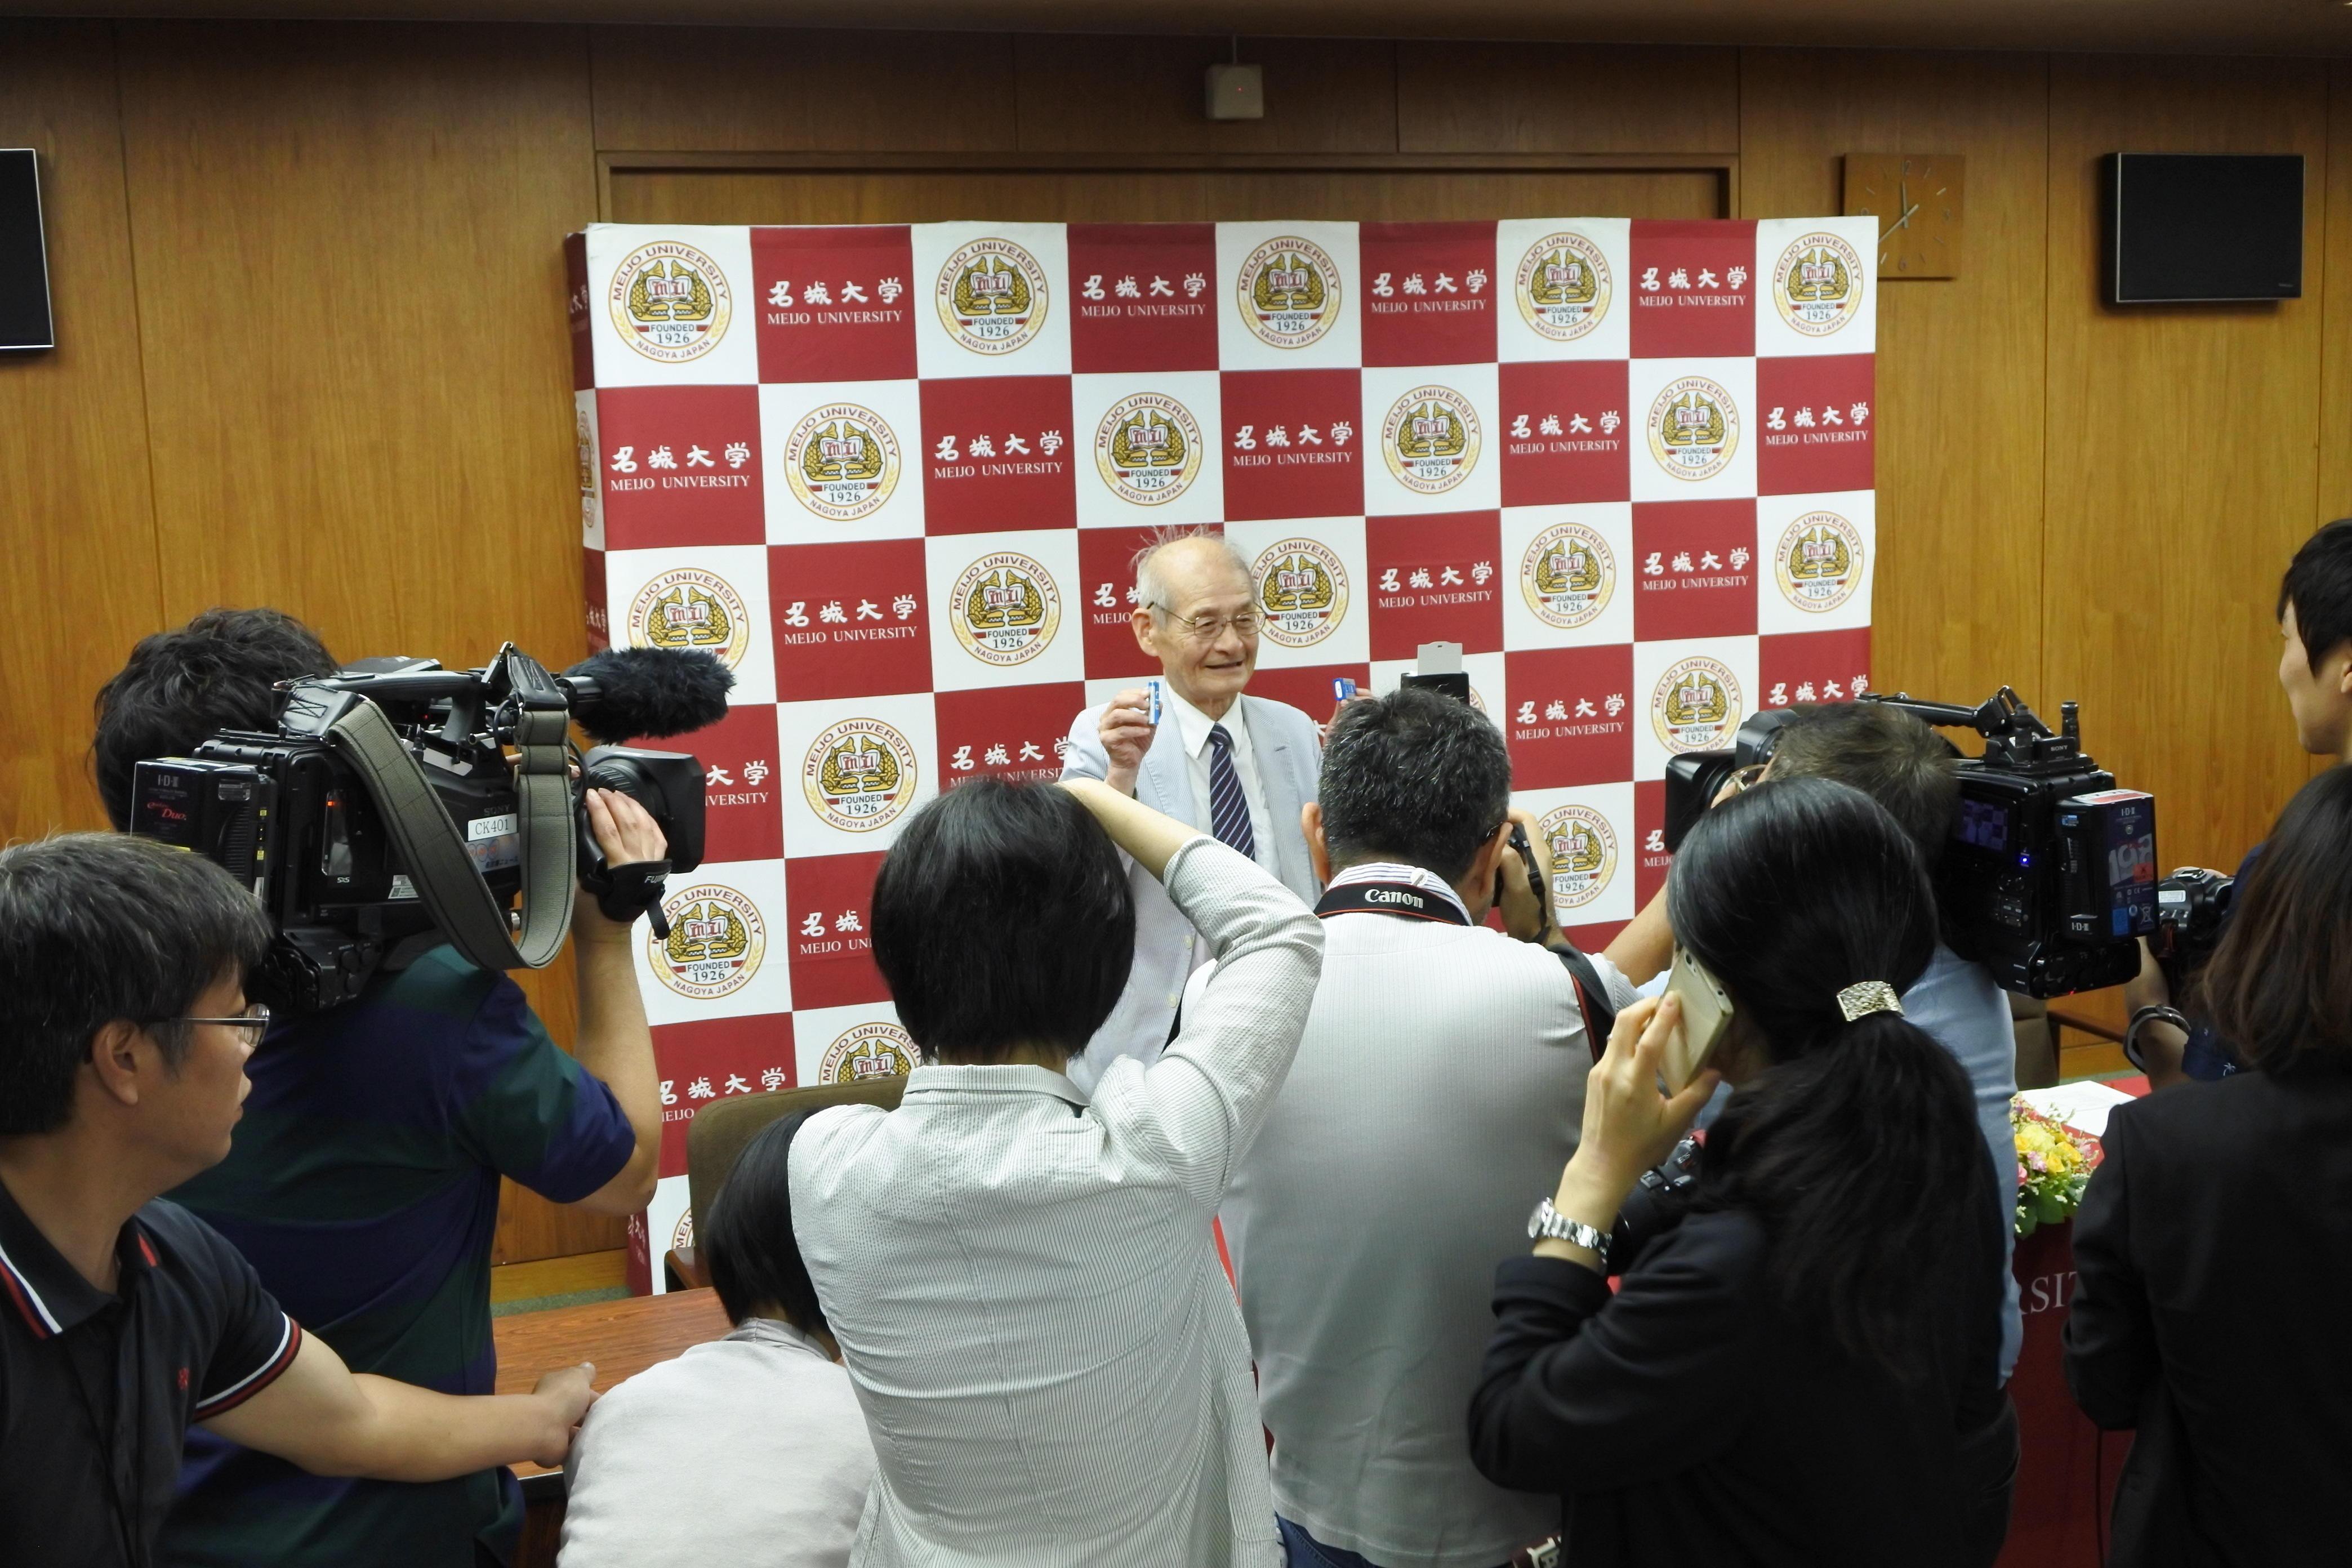 カメラの放列の前で写真撮影に応じる吉野彰教授